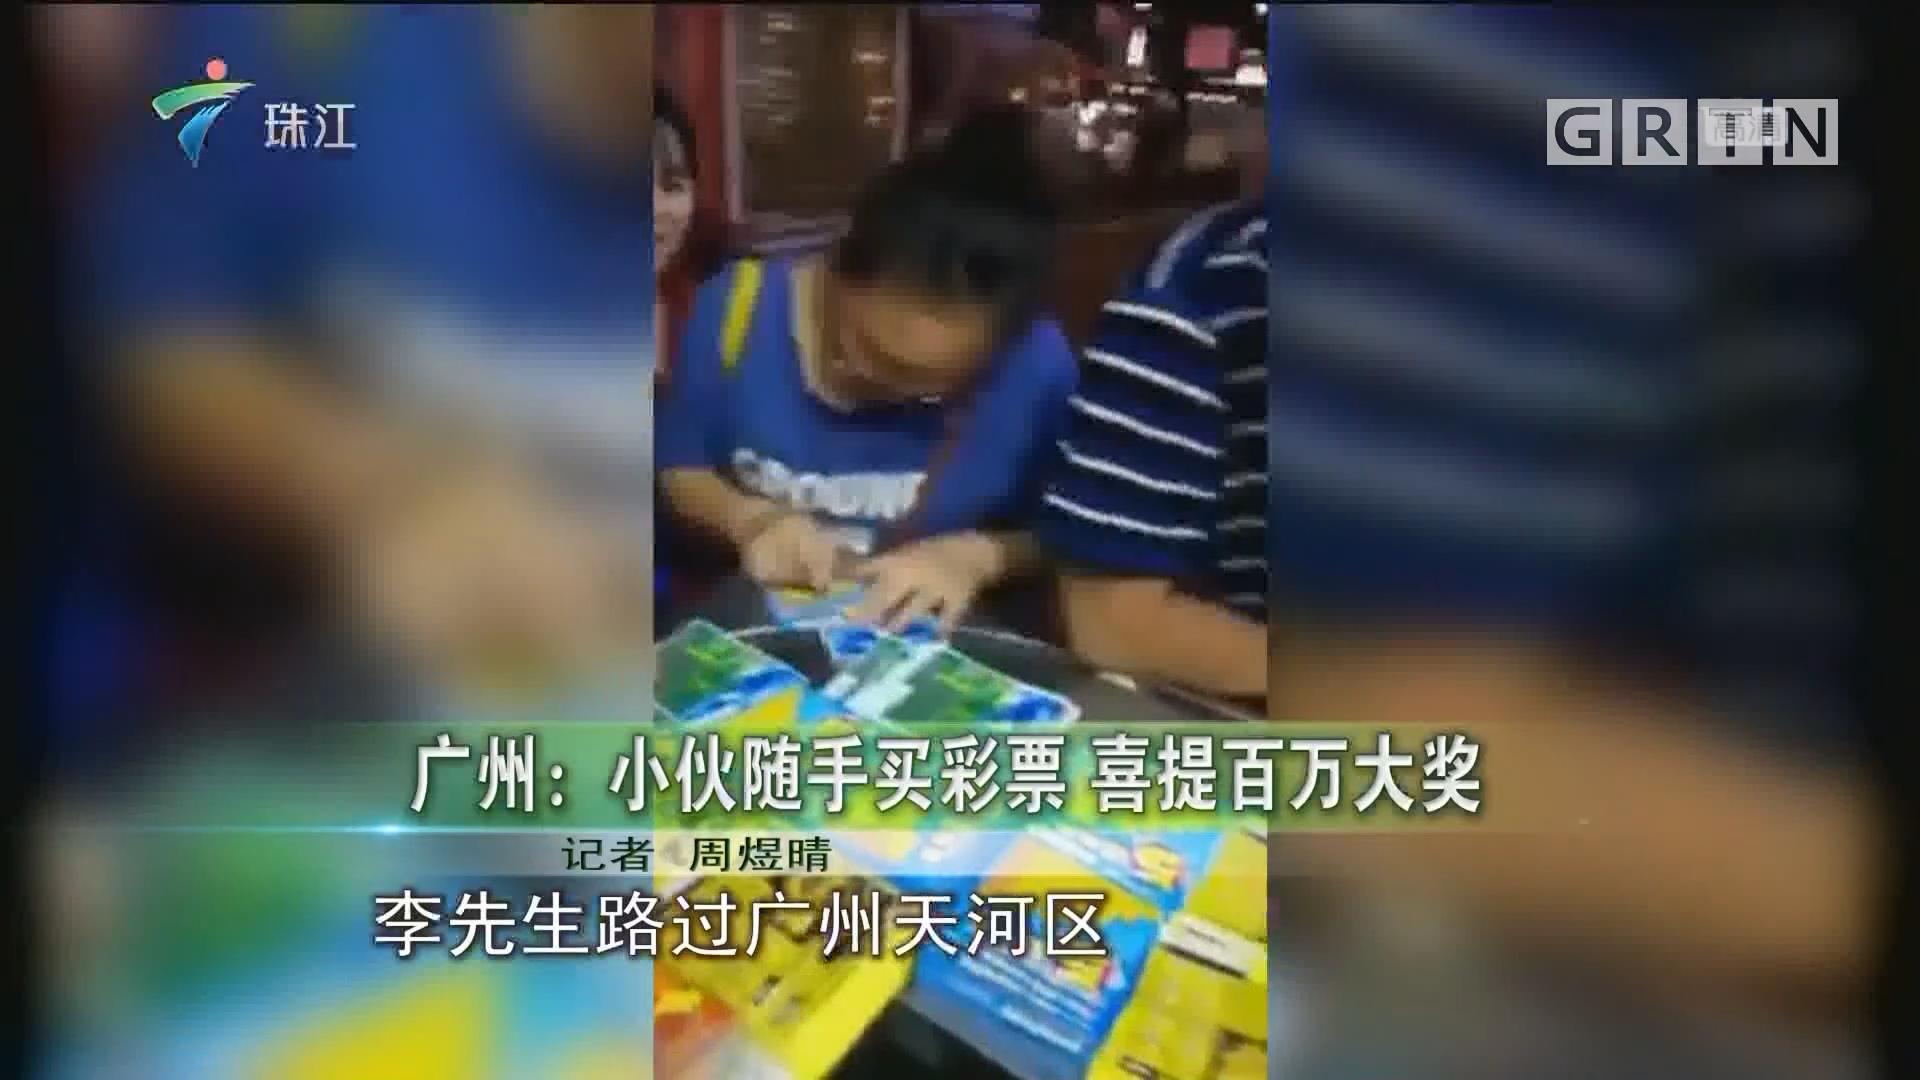 廣州:小伙隨手買彩票 喜提百萬大獎